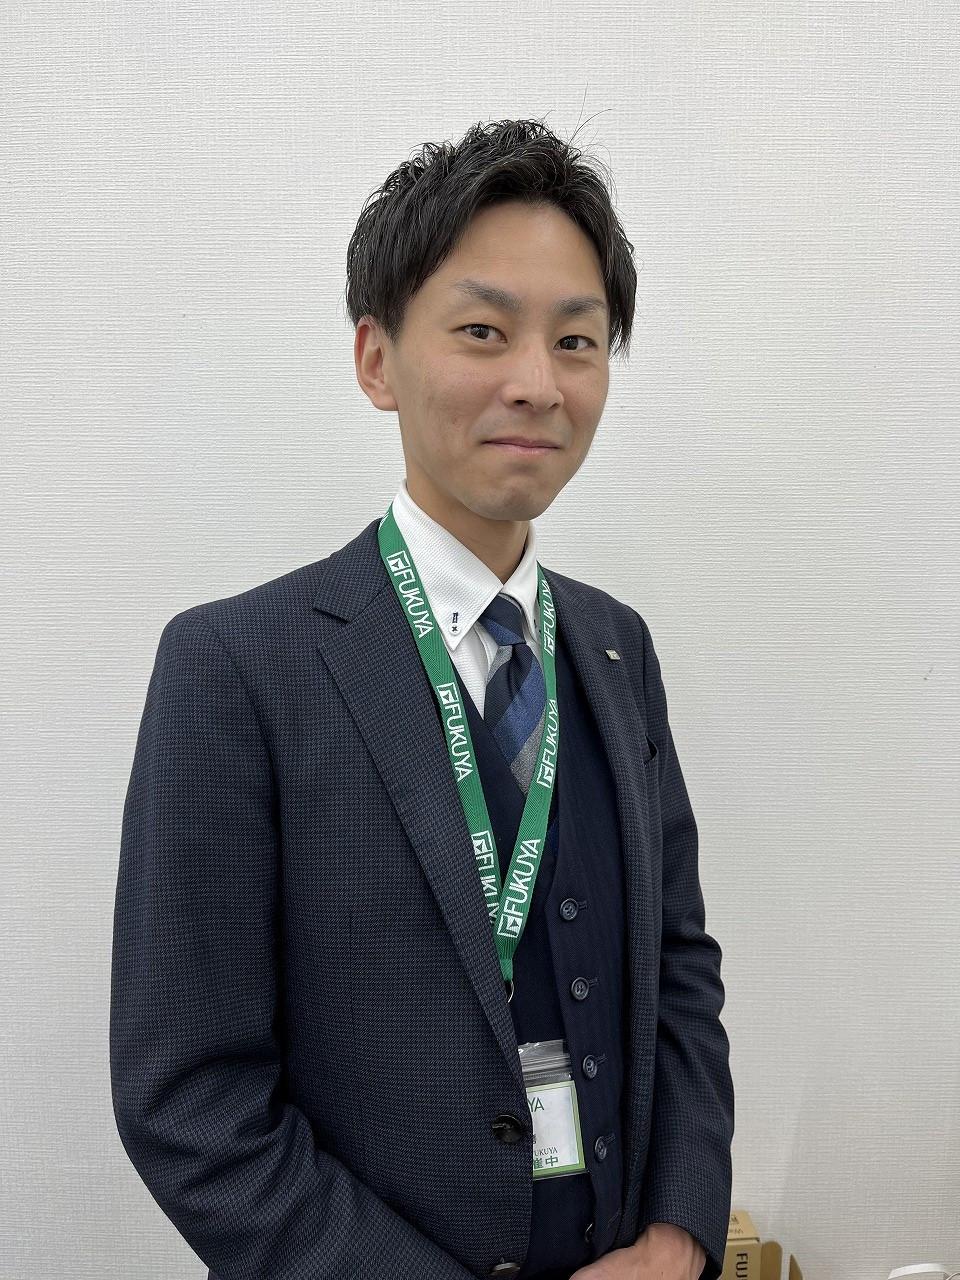 中村 拓磨 (なかむら たくま)